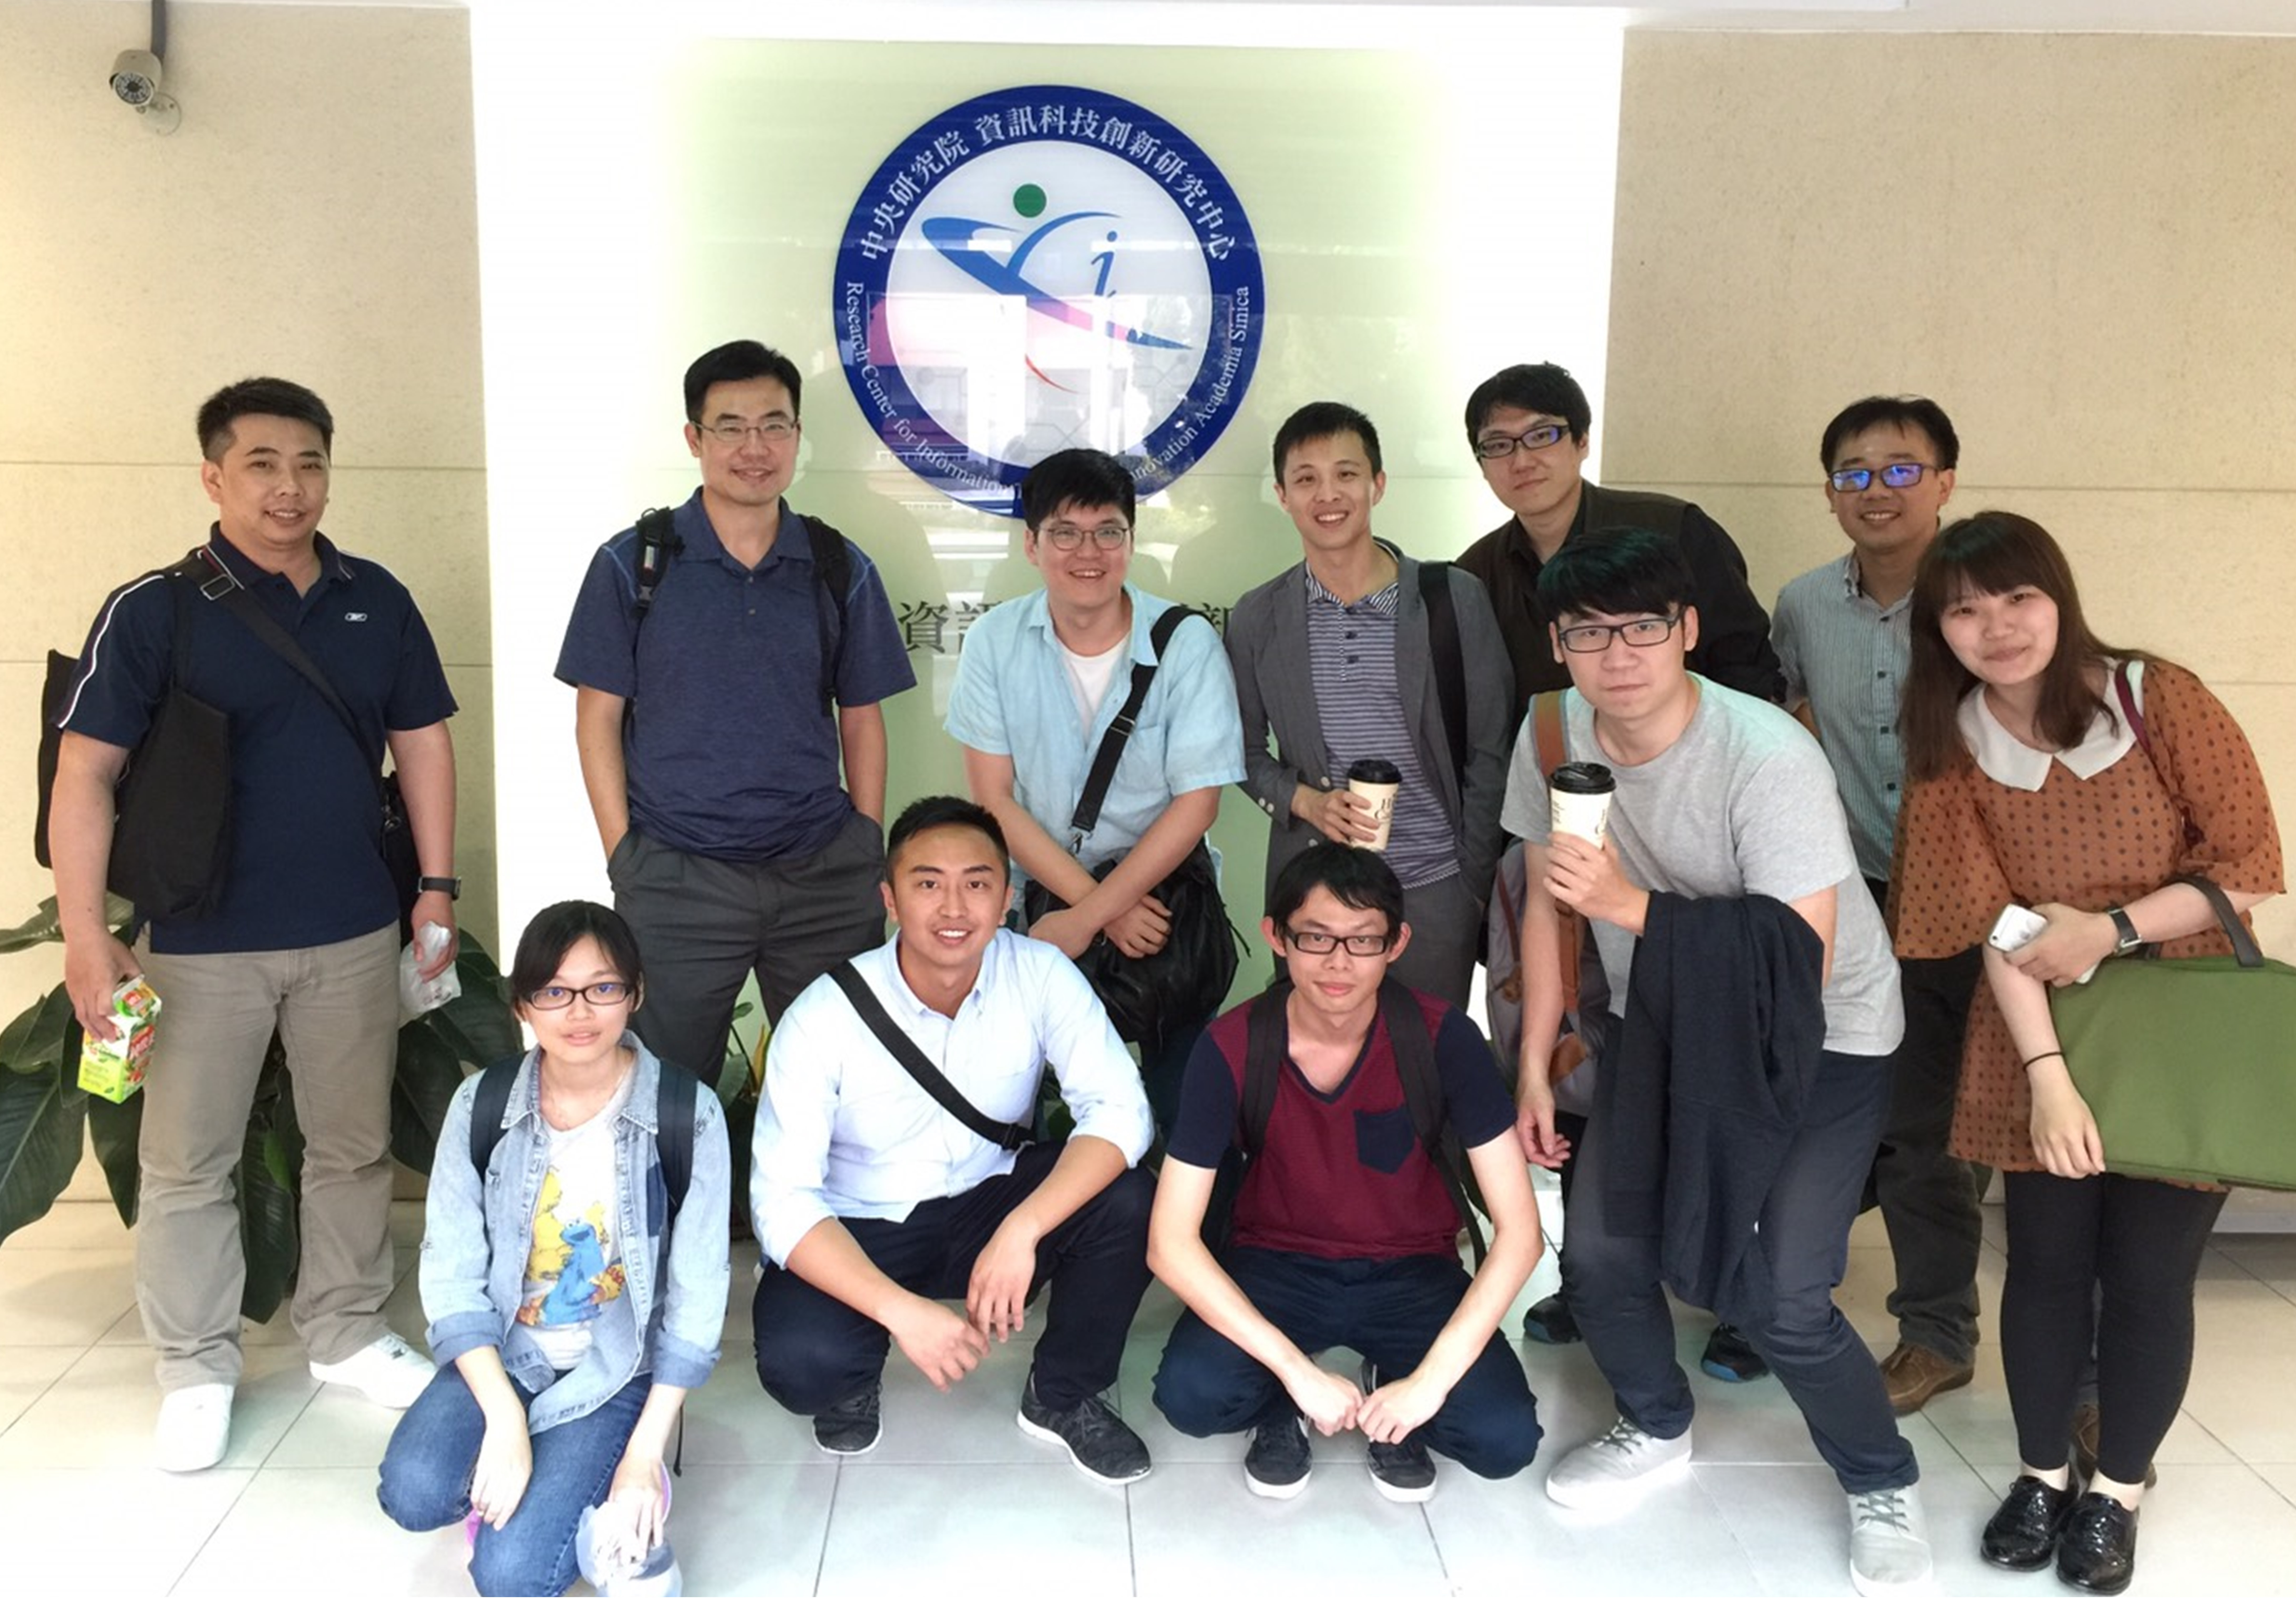 研究團隊成員於中央研究院資訊科技創新研究中心合影留念。